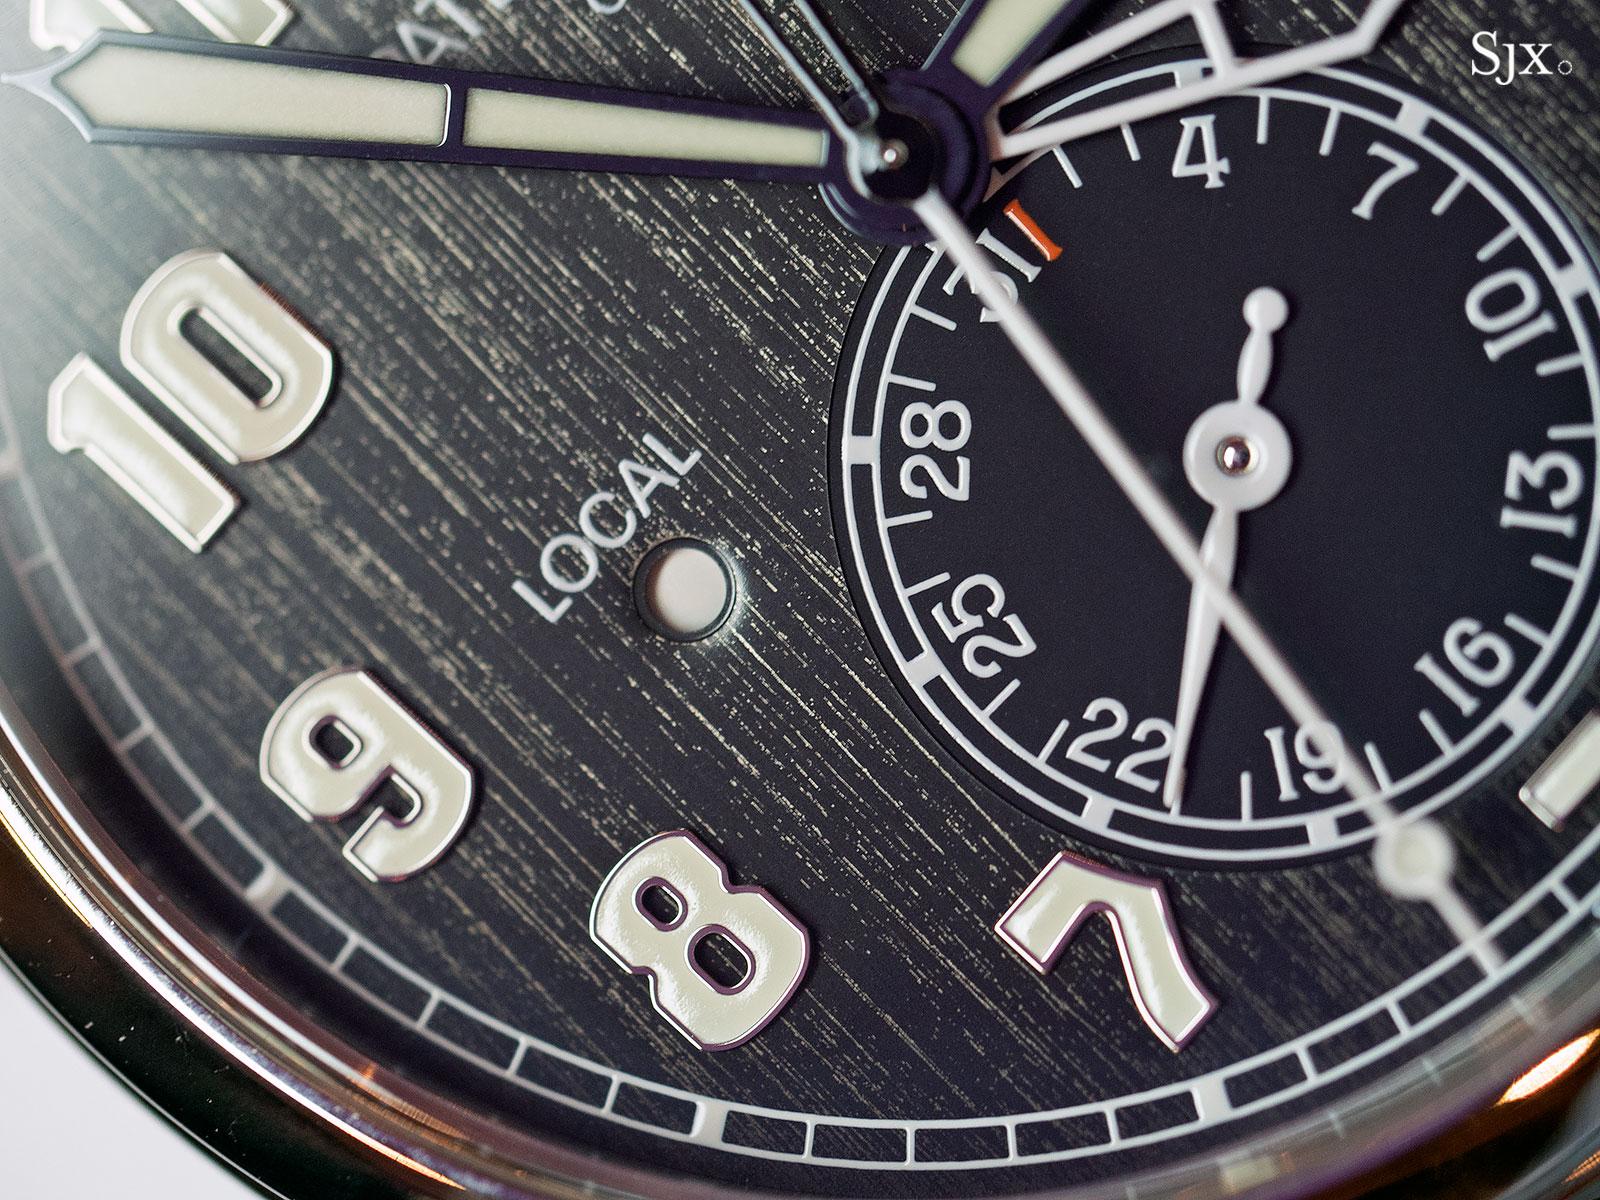 Patek Philippe Calatrava Pilot Travel Time Titanium 5524T-9